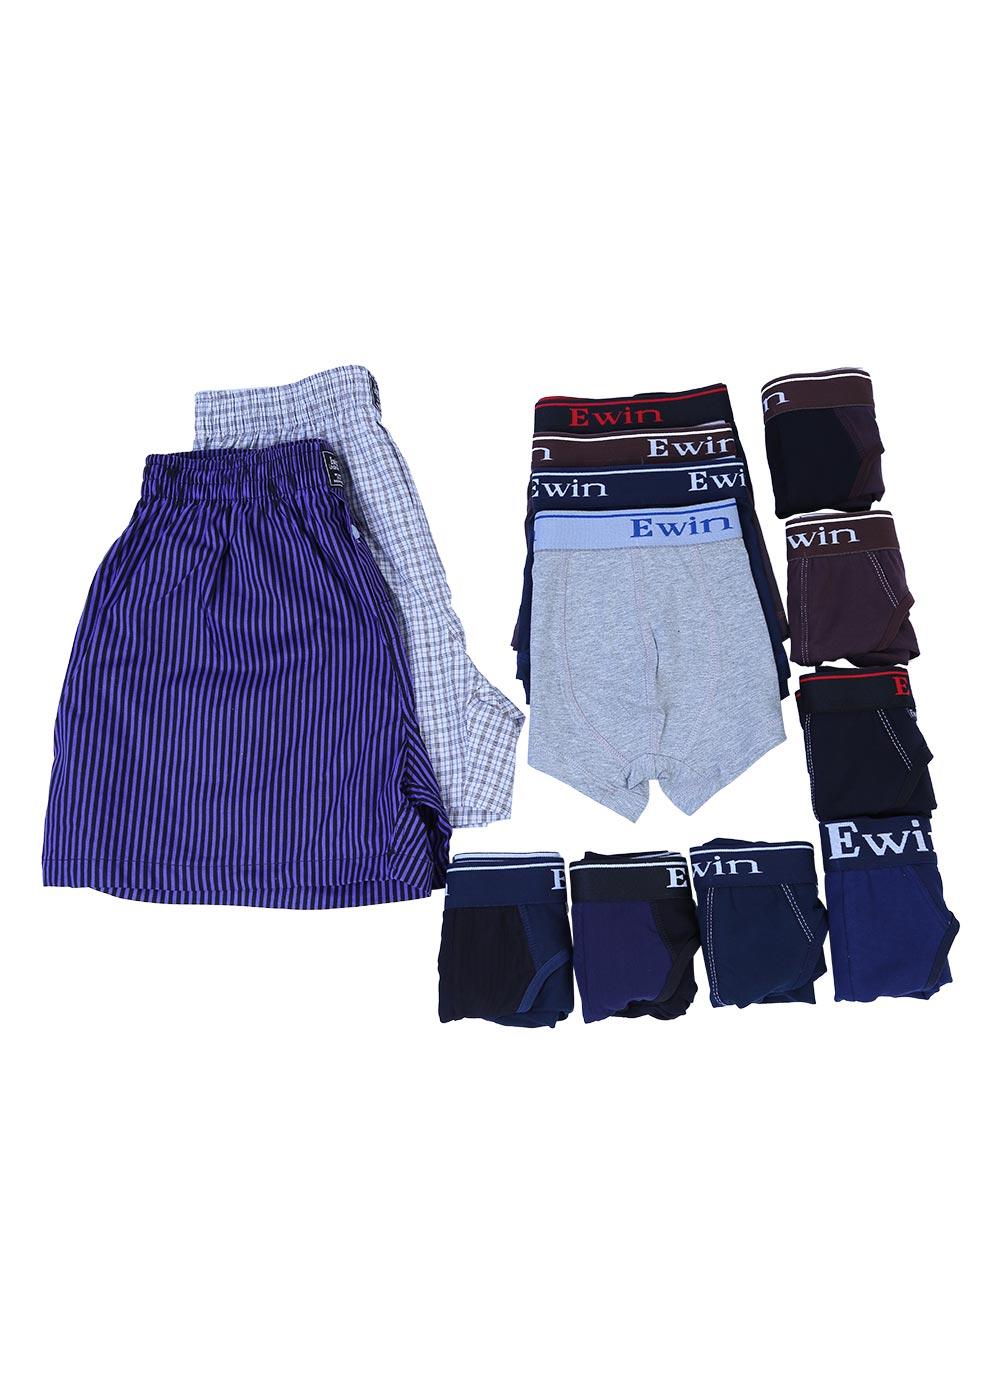 Combo Ewin EQ004: 6 Quần Lót Bikini + 4 Quần Boxer + 2 Quần Mặc Nhà Cho Nam - 9448684370575,62_3912371,844000,tiki.vn,Combo-Ewin-EQ004-6-Quan-Lot-Bikini-4-Quan-Boxer-2-Quan-Mac-Nha-Cho-Nam-62_3912371,Combo Ewin EQ004: 6 Quần Lót Bikini + 4 Quần Boxer + 2 Quần Mặc Nhà Cho Nam